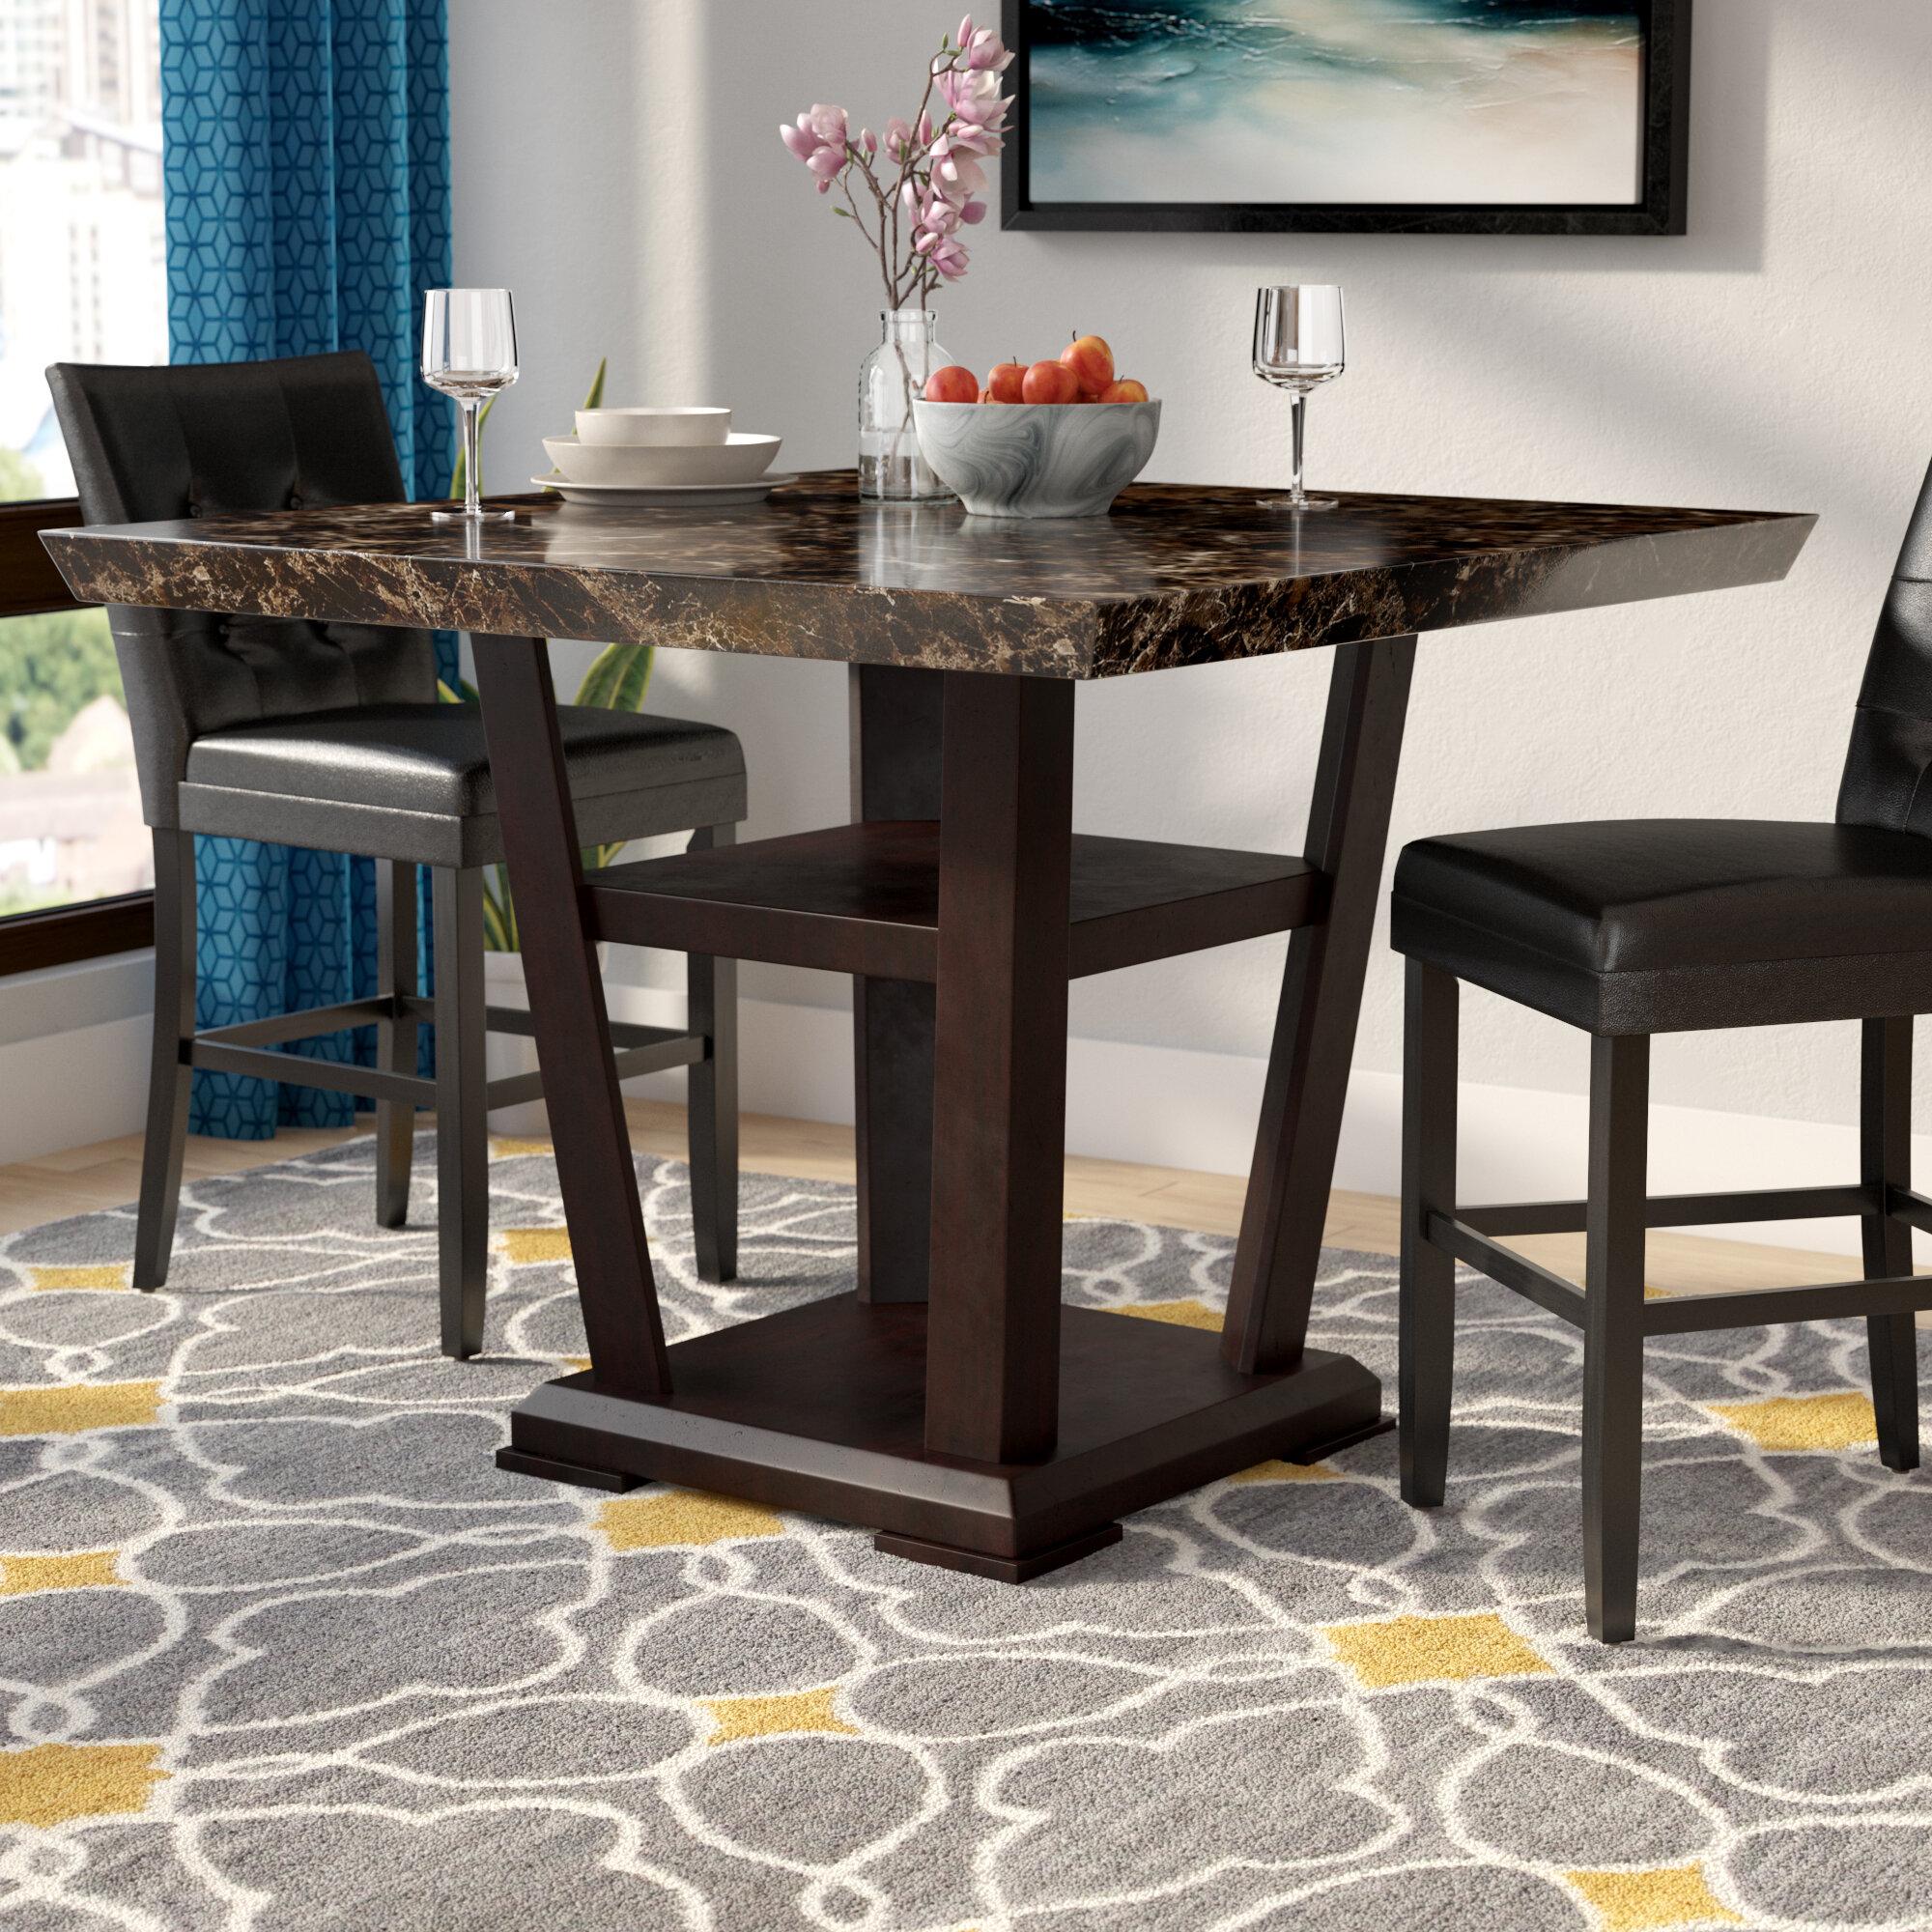 Latitude Run Counter Height Dining Table Reviews Wayfair